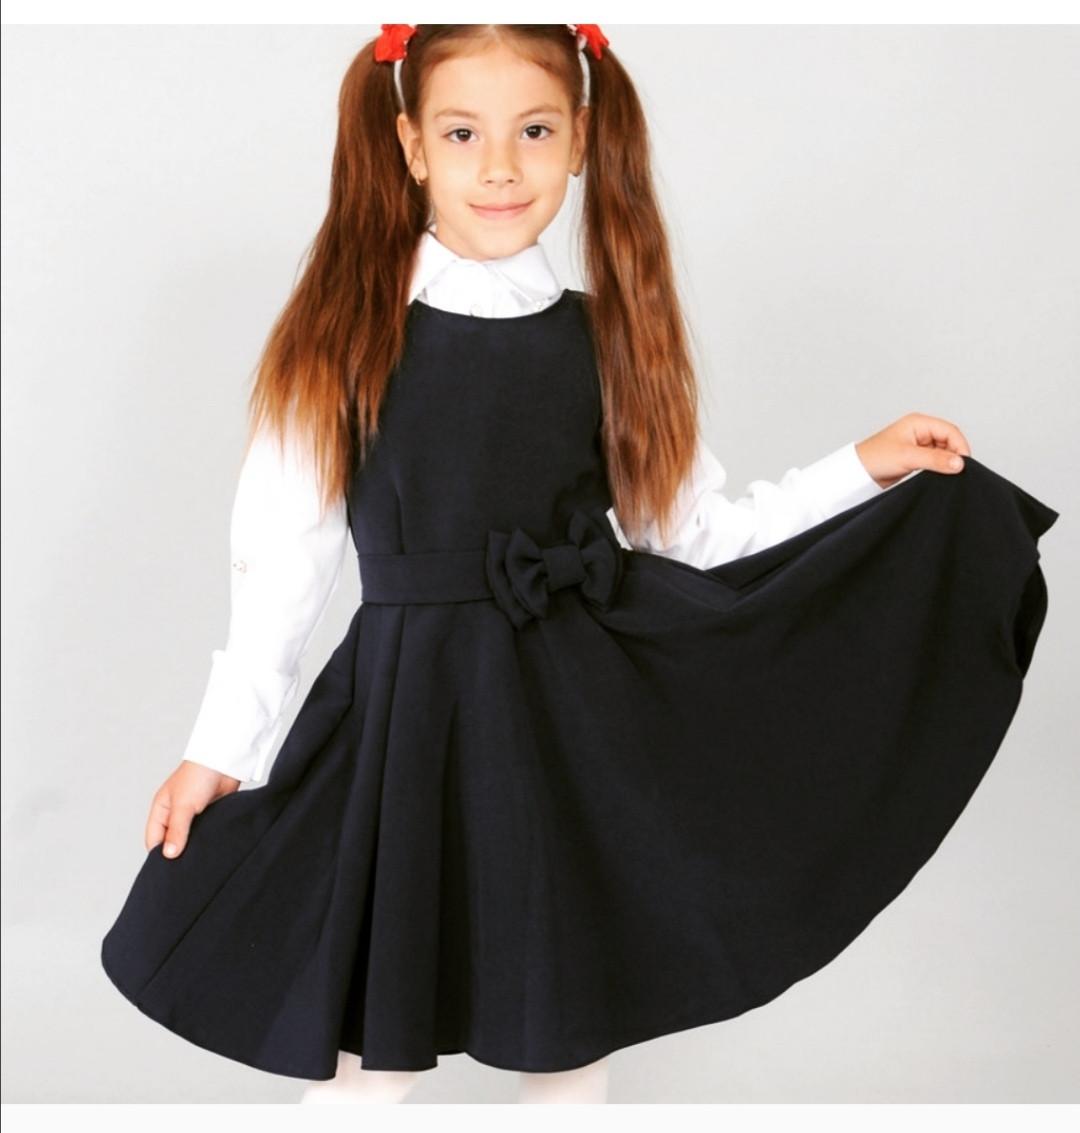 Школьный сарафан чёрного цвета.